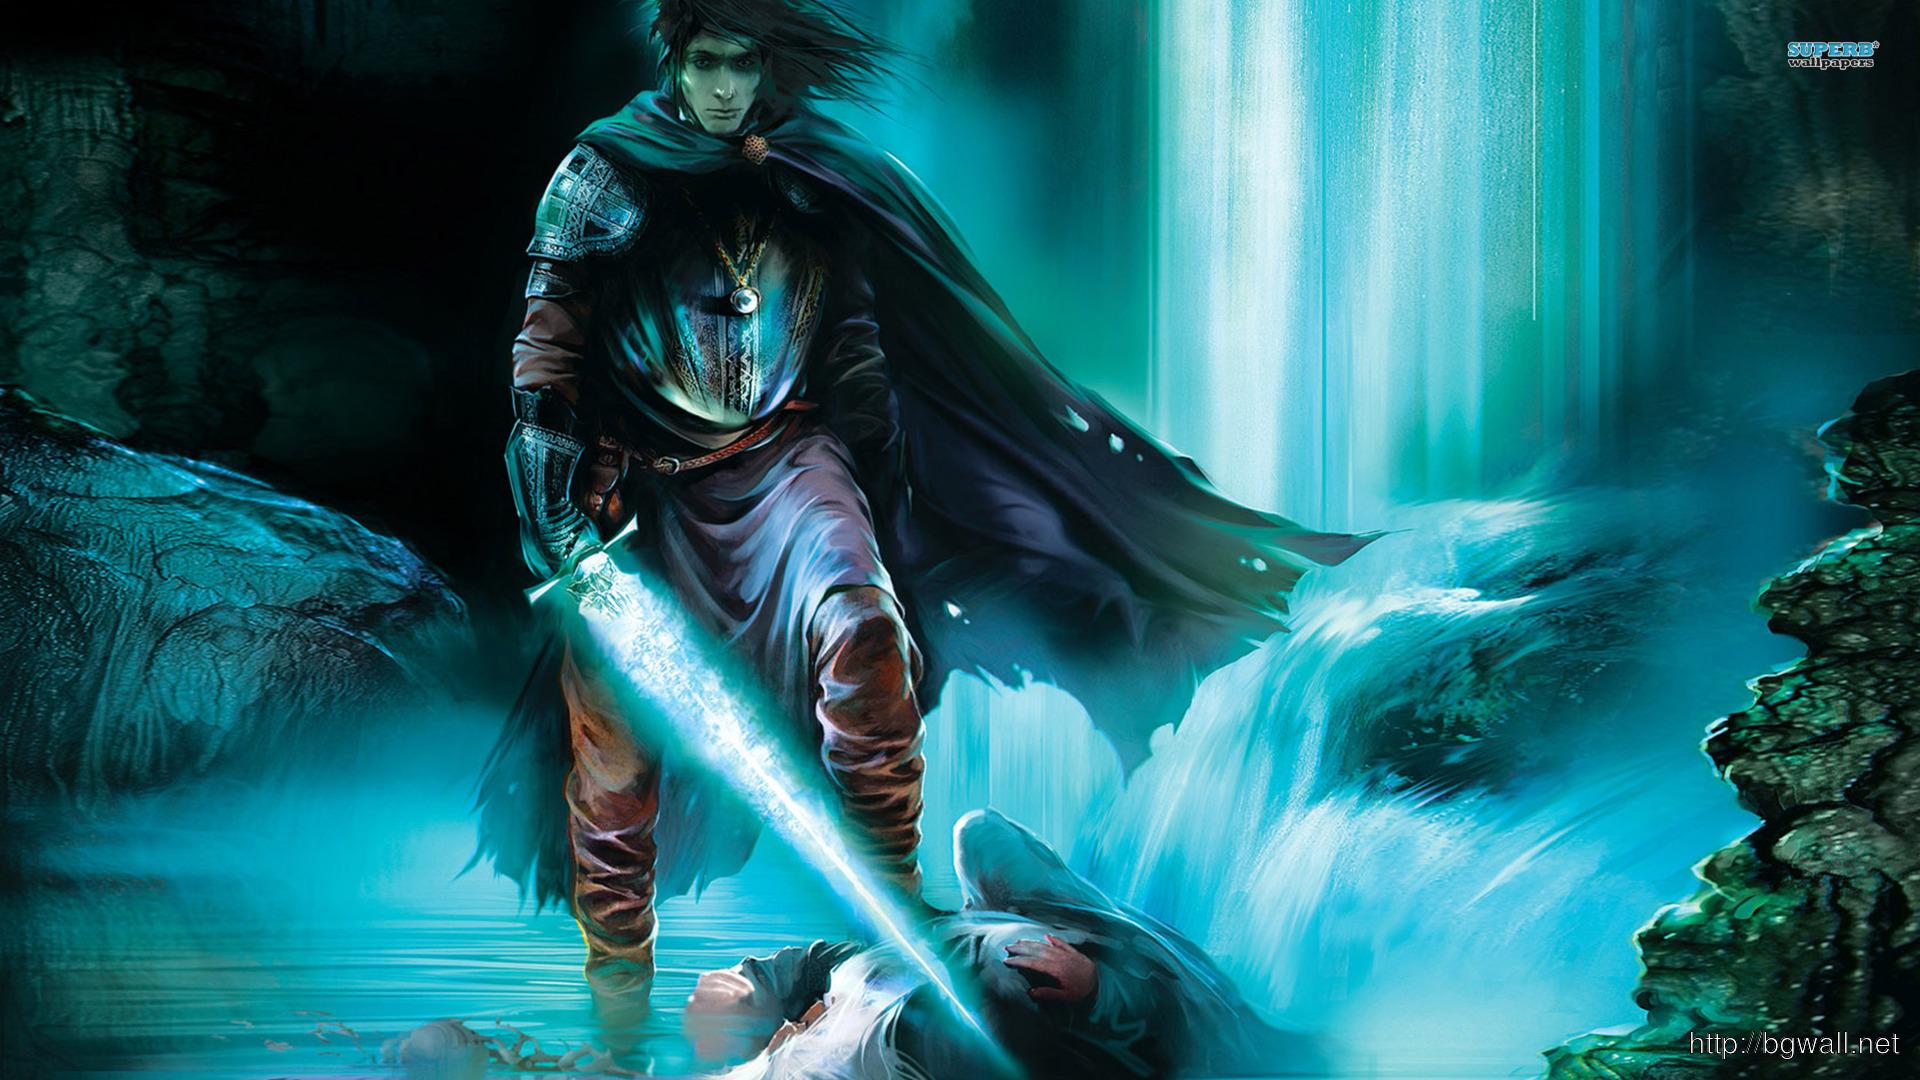 warrior elf desktop wallpapers - photo #5